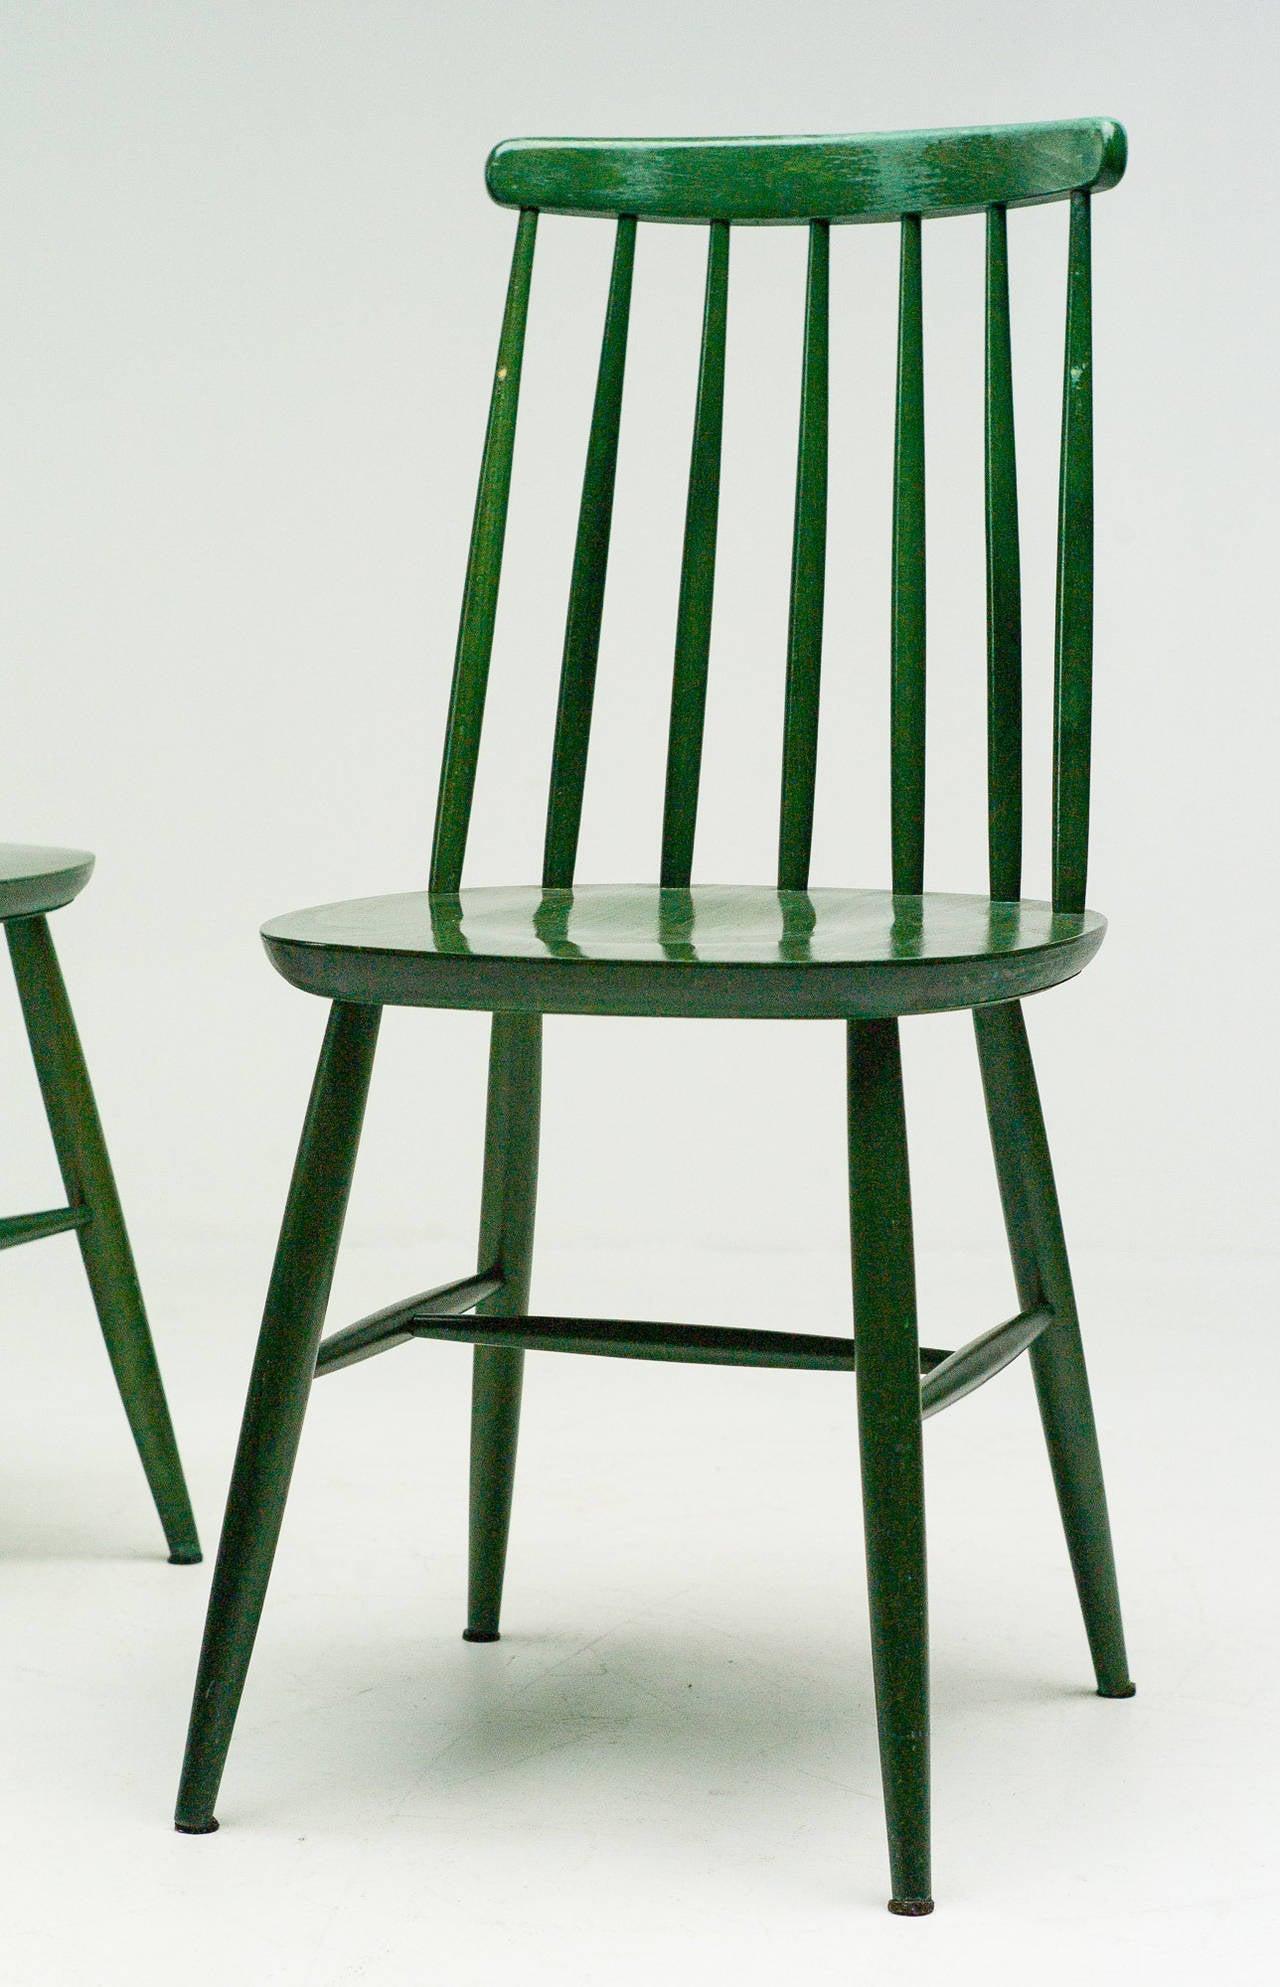 Scandinavian Modern Pair of Green Tapiovaara Chairs For Sale